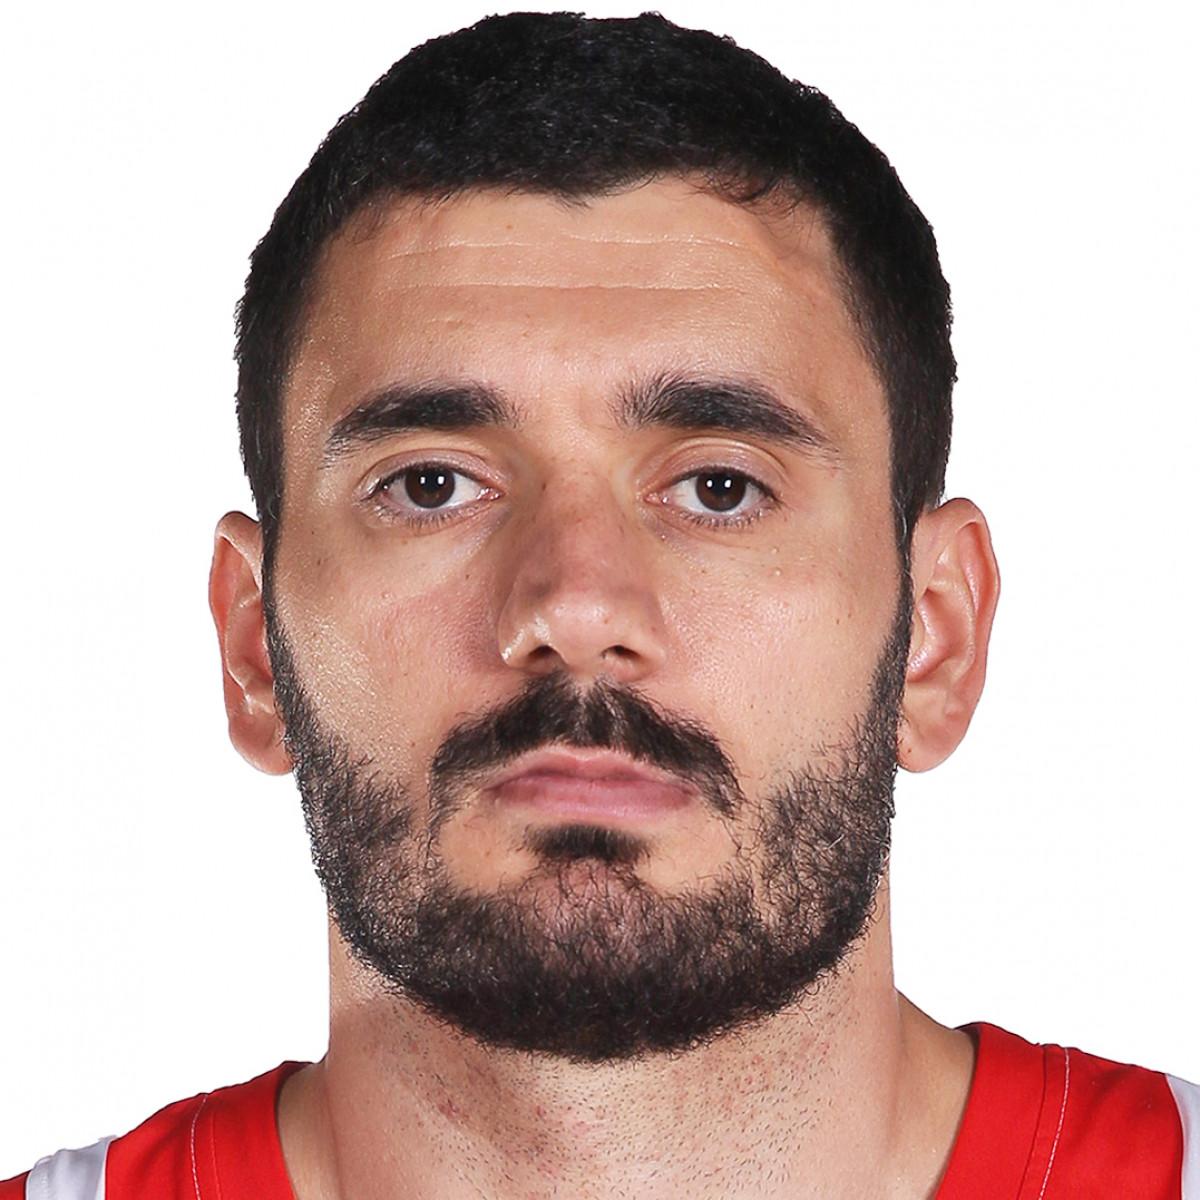 Marko Jagodic-Kuridza